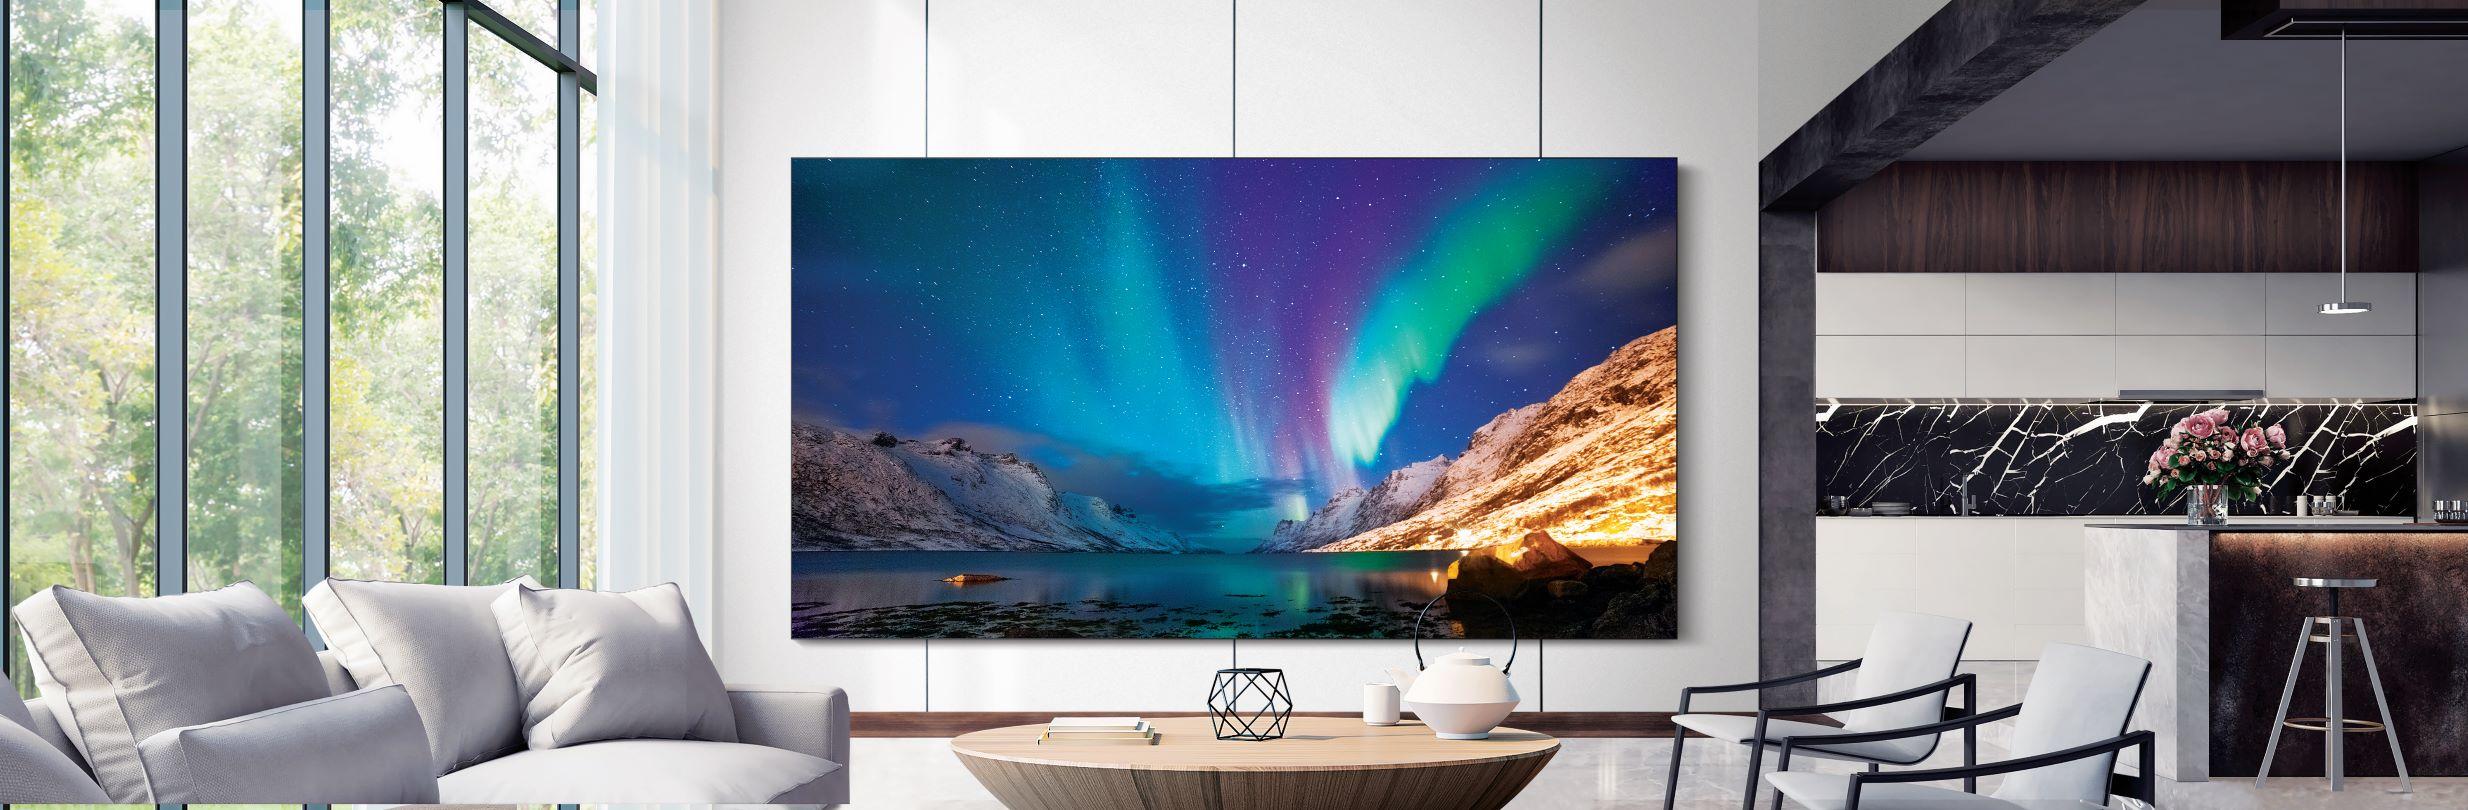 Samsung ra mắt các dòng TV mới MicroLED, QLED 8K và Lifestyle trước CES 2020 2